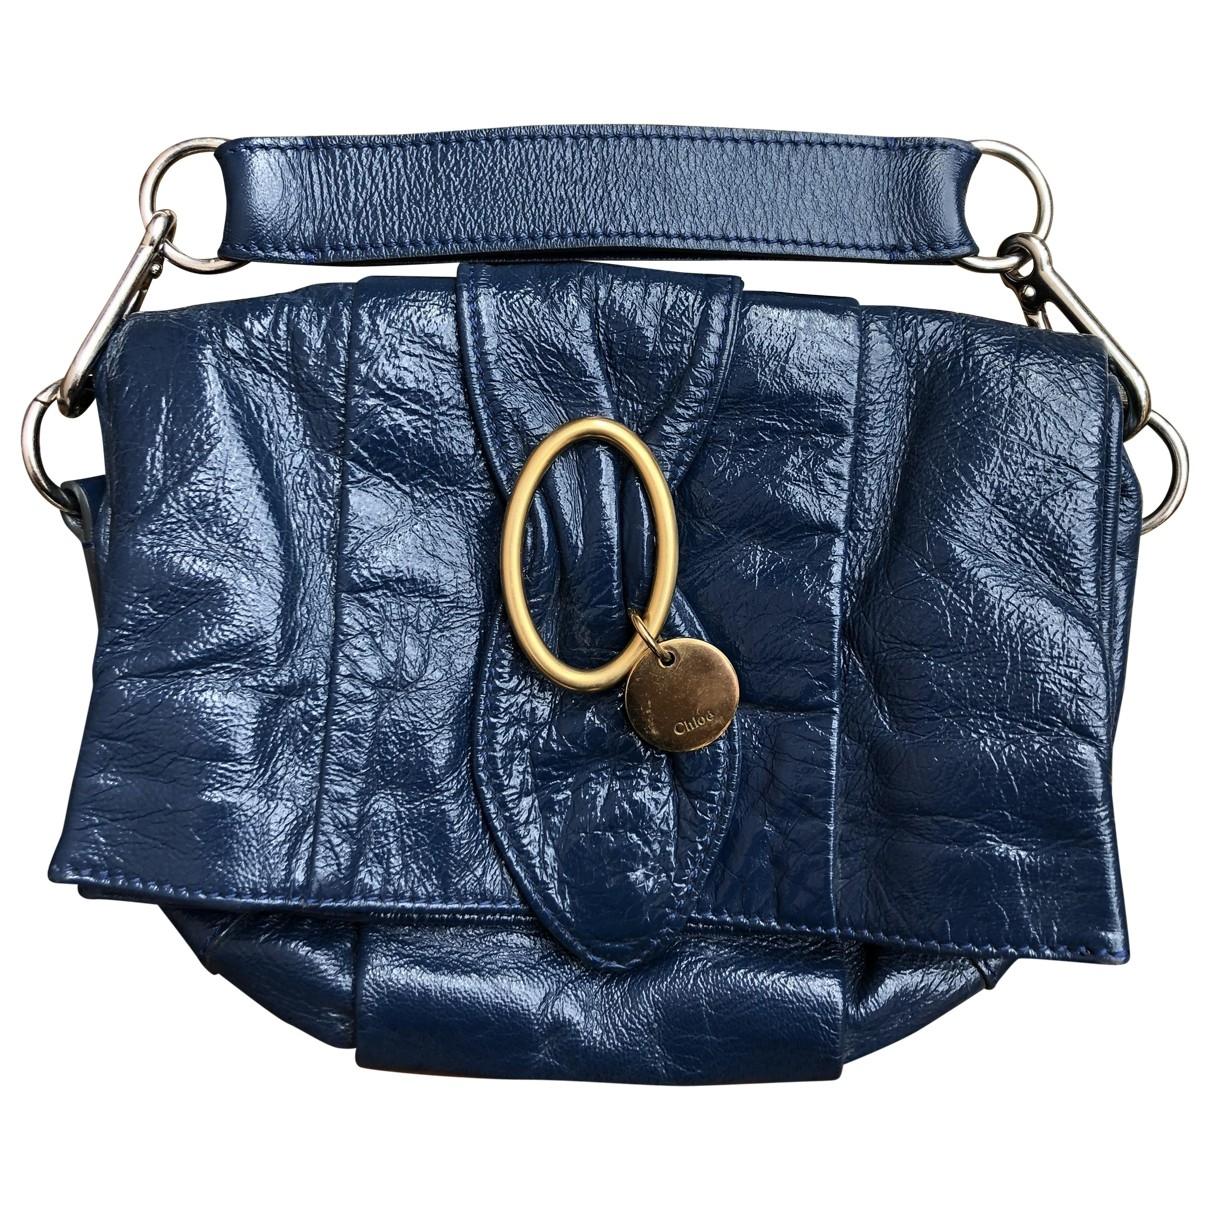 Chloe - Pochette   pour femme en cuir verni - bleu